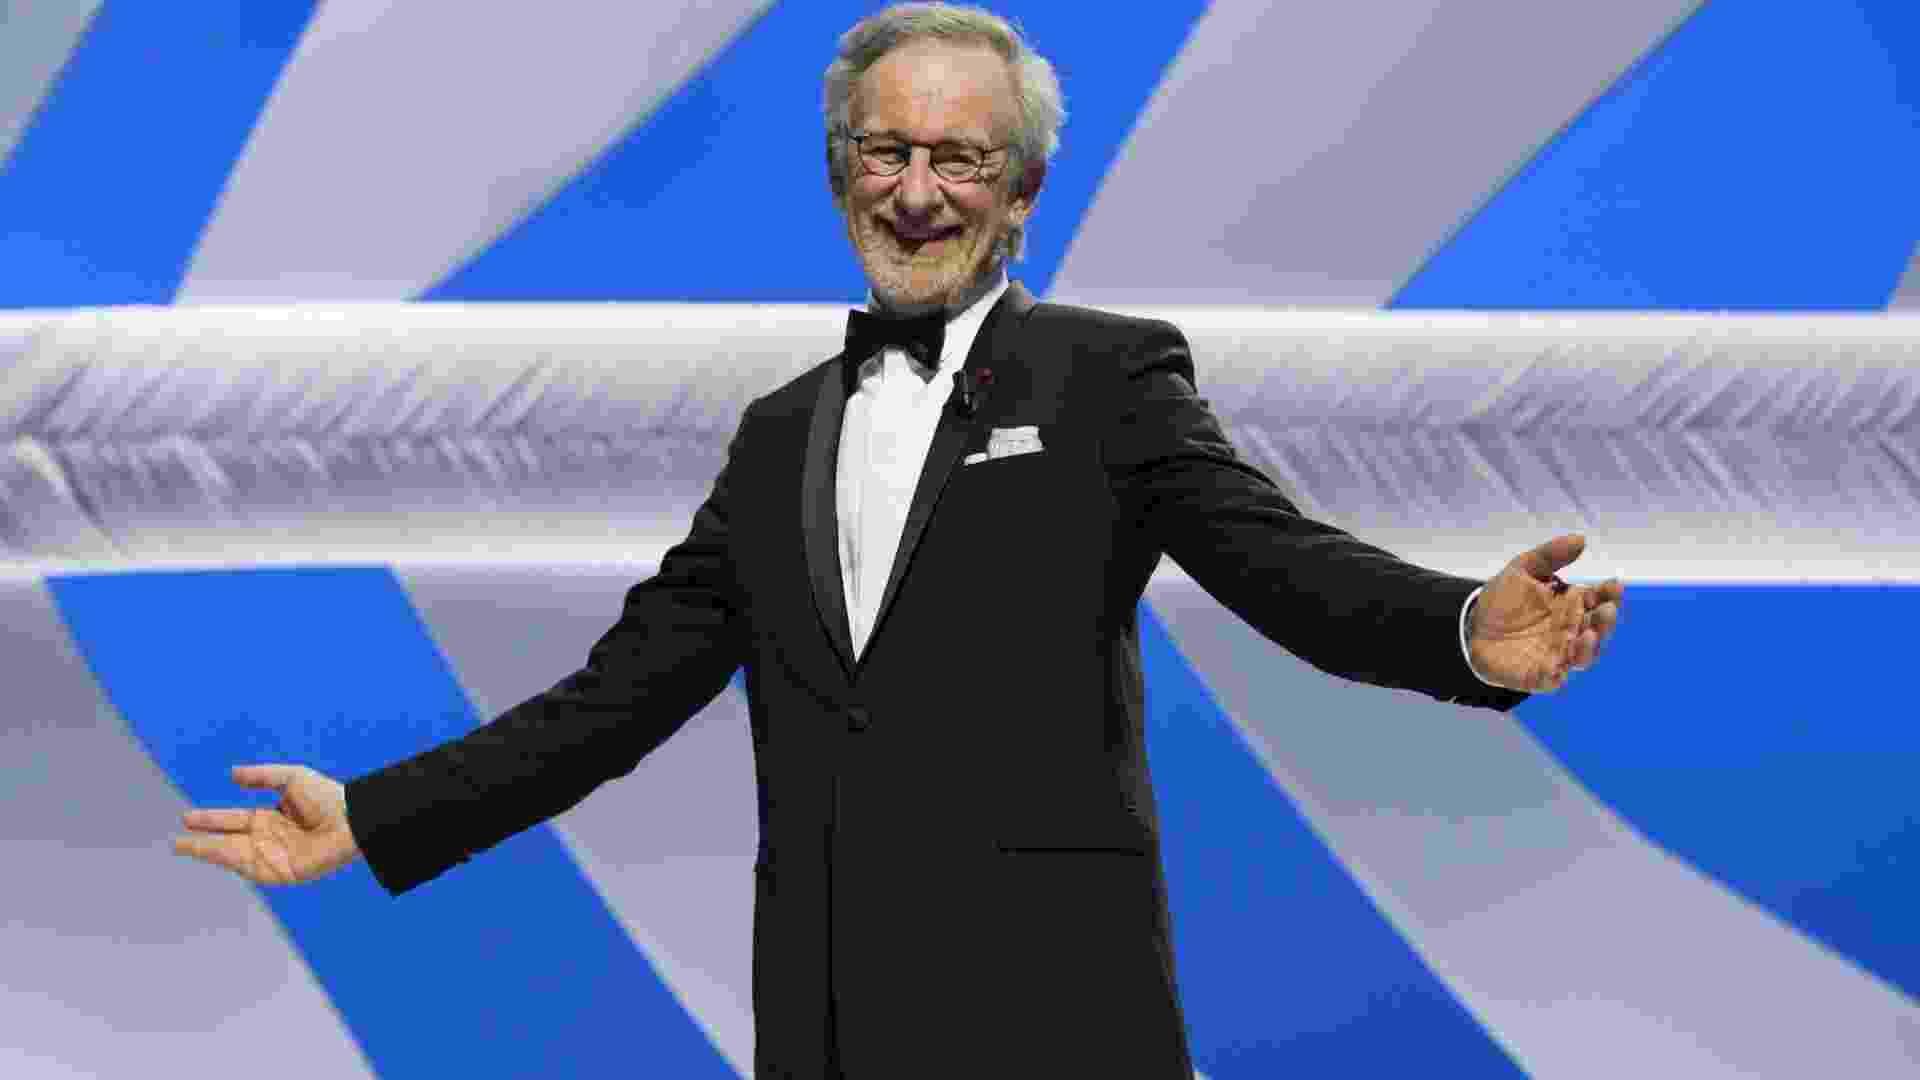 15.mai.2013 - O diretor Steven Spielberg, presidente do júri do Festival de Cannes, recebe aplausos durante a cerimônia de abertura do evento - Ian Langsdon/EFE